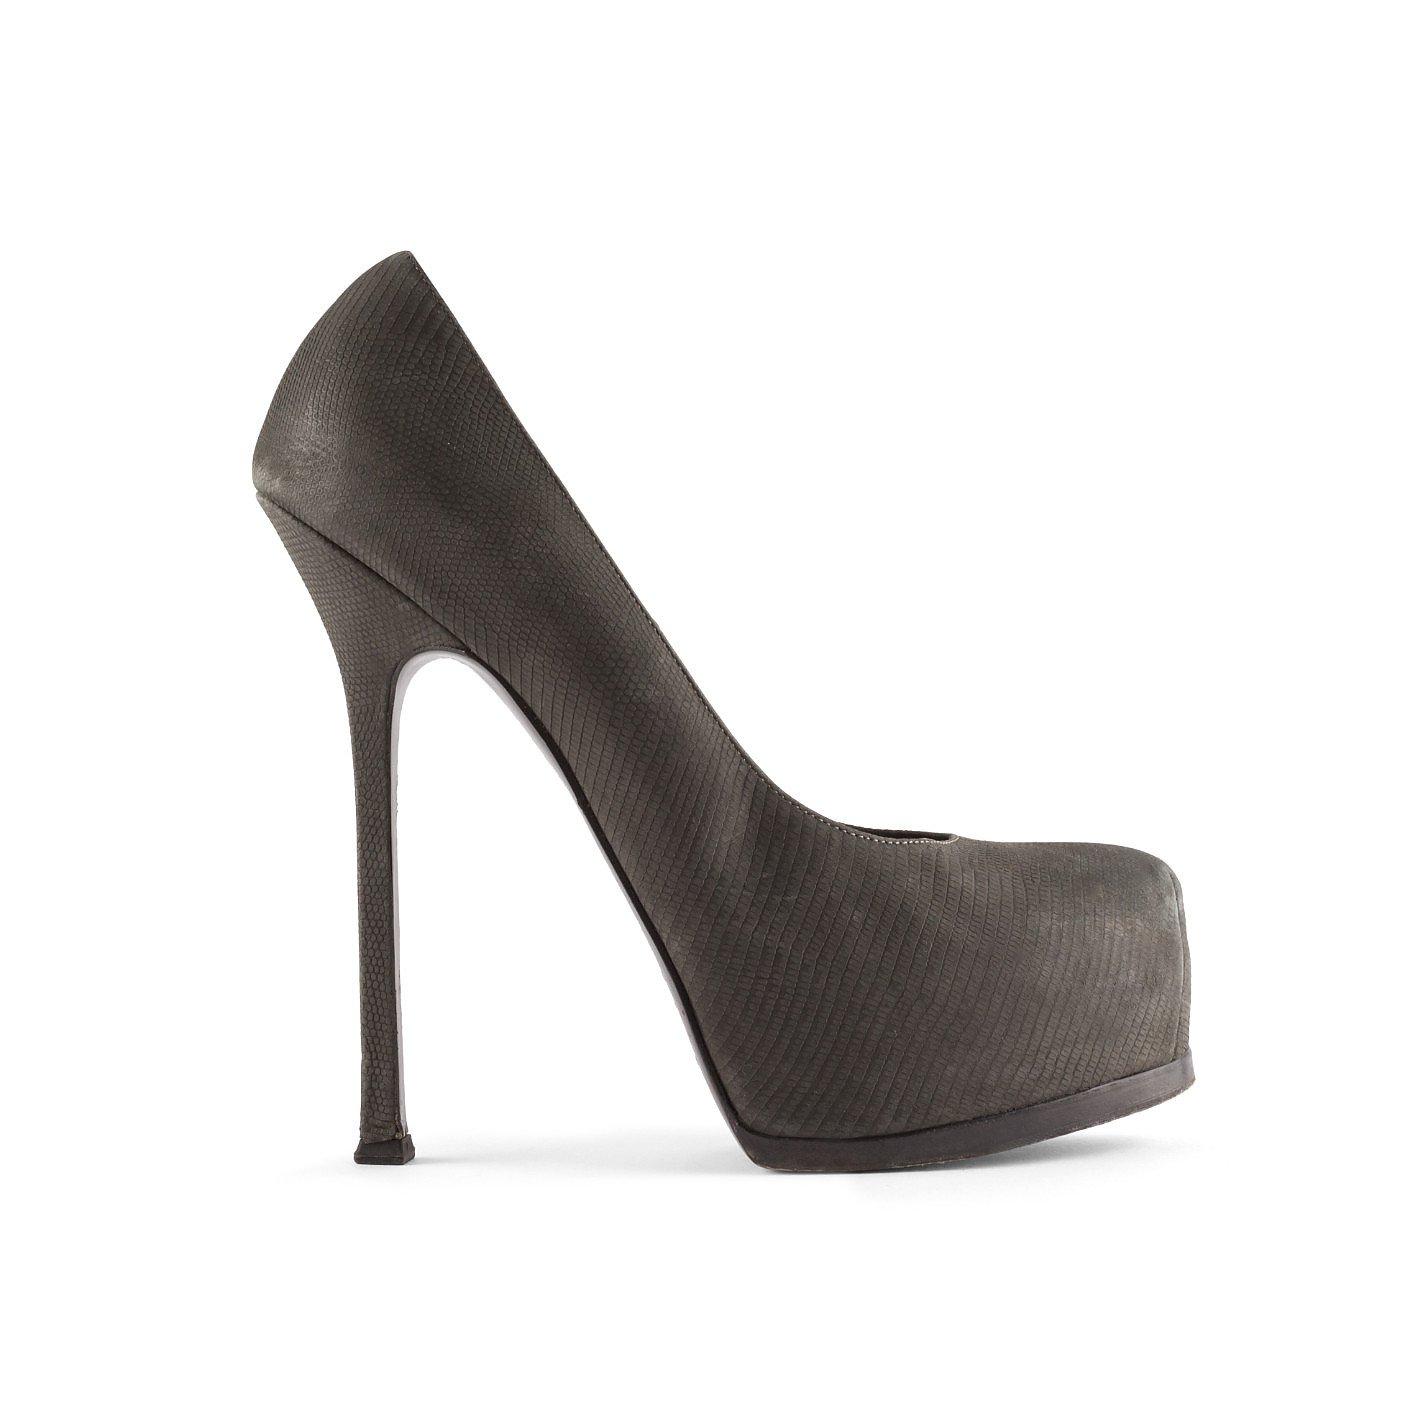 Saint Laurent Tribtoo Embossed Leather Heels